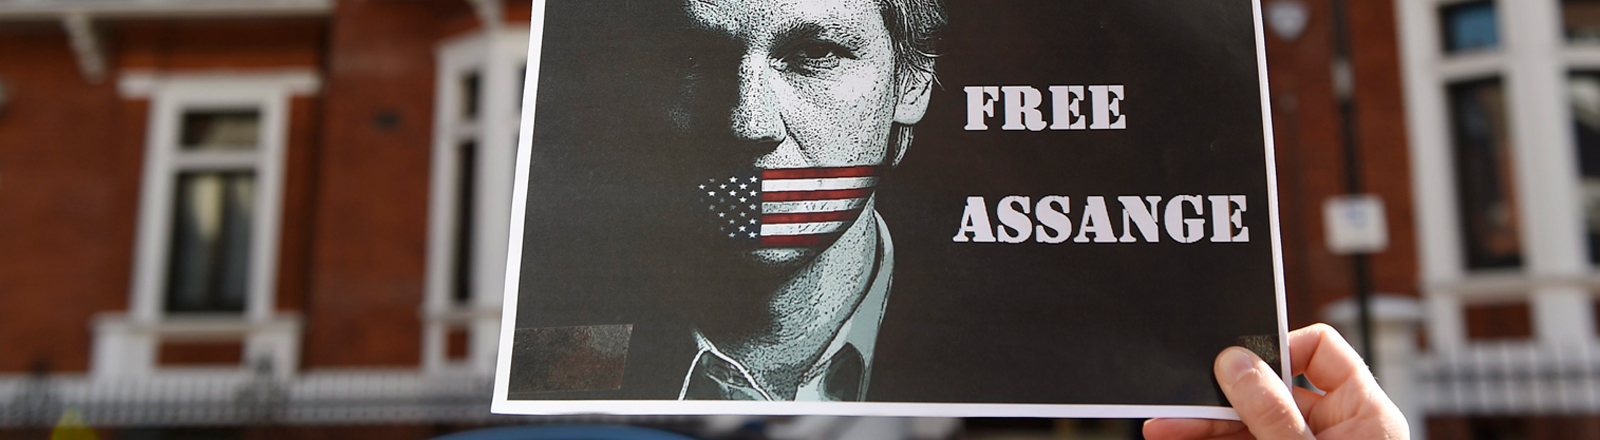 Seit mehr als drei Jahren sitzt Wikileaks-Gründer Julian Assange in der ecuadorianischen Botschaft in London fest.